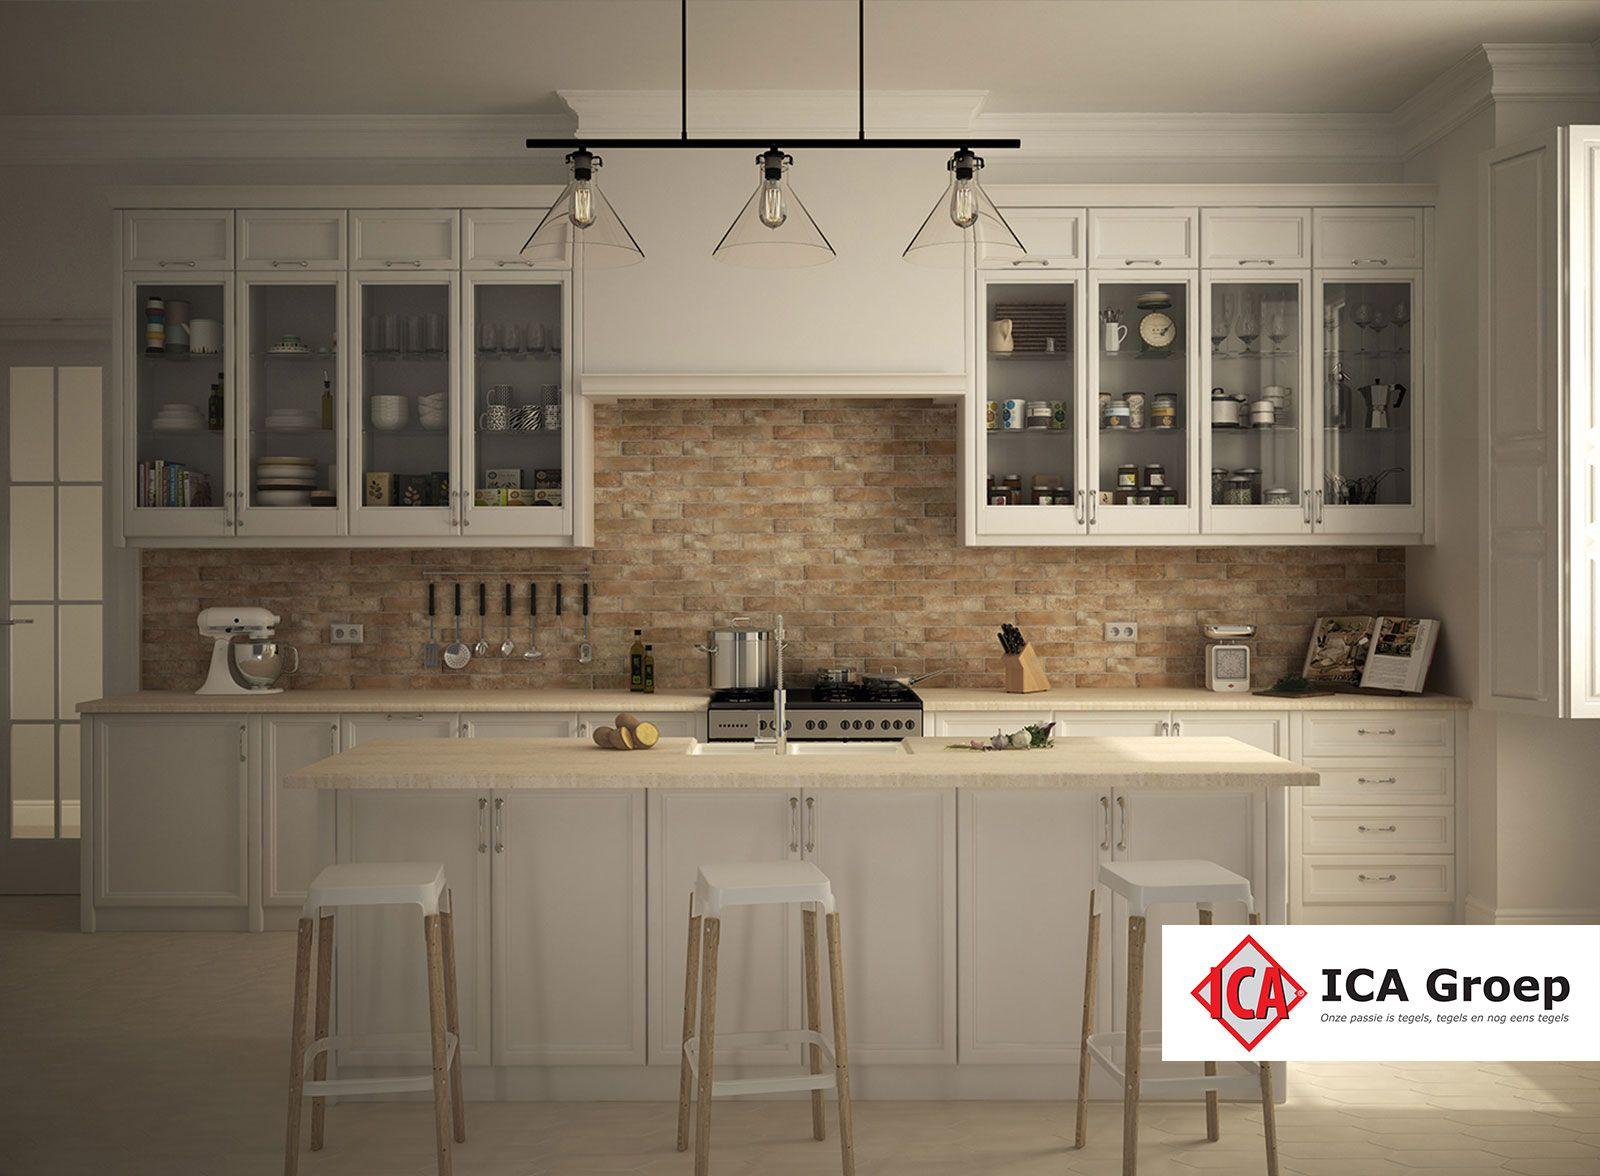 White Keuken Stoere : Voor een landelijke gezellige keuken kunt u eens kijken naar de